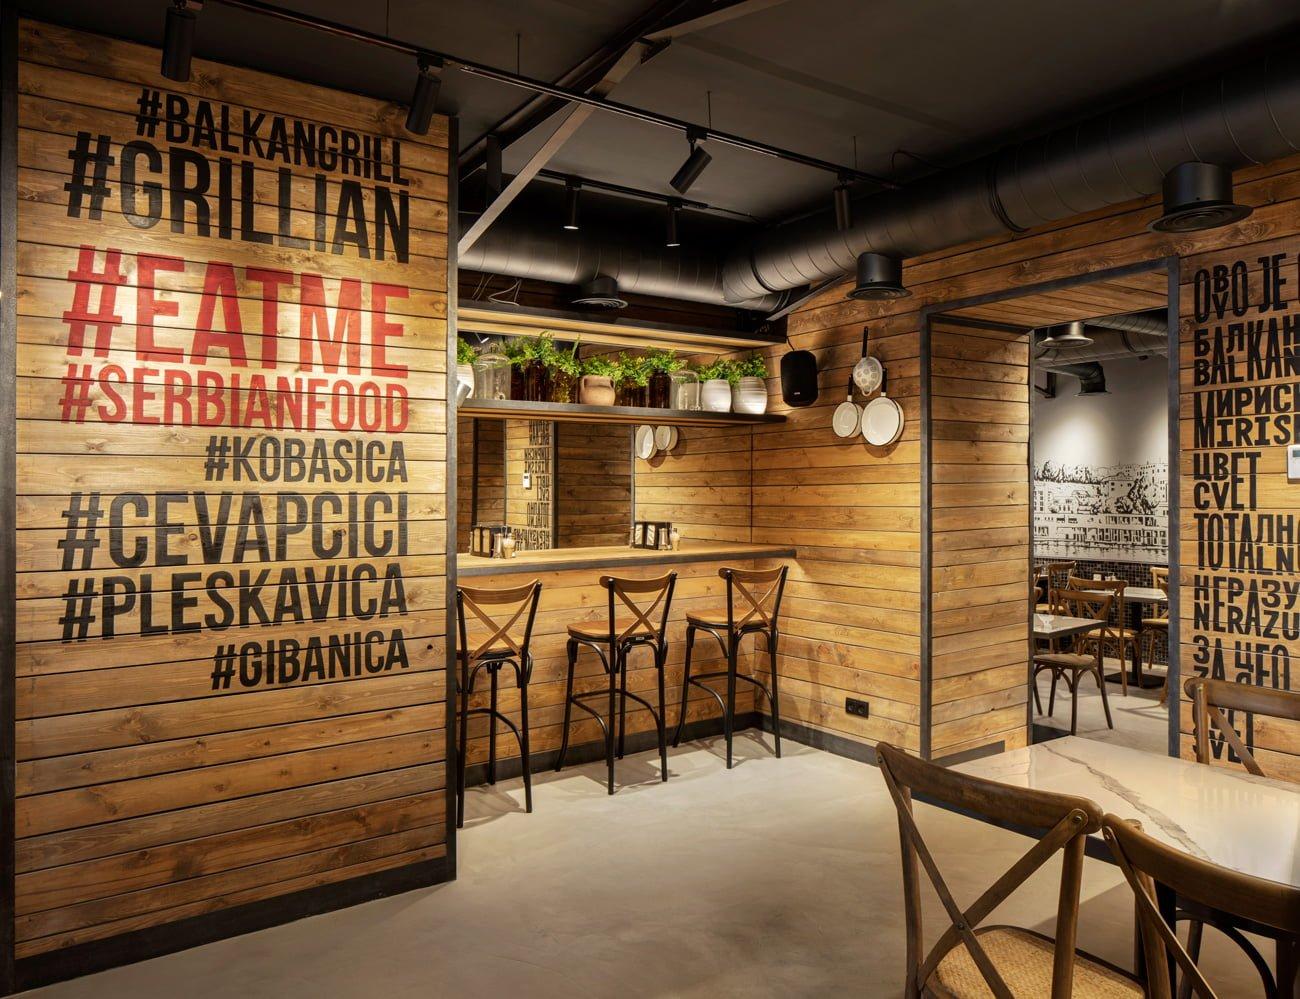 фото нового дизайн проект ресторана Grillian разработанного с вниманием к деталям